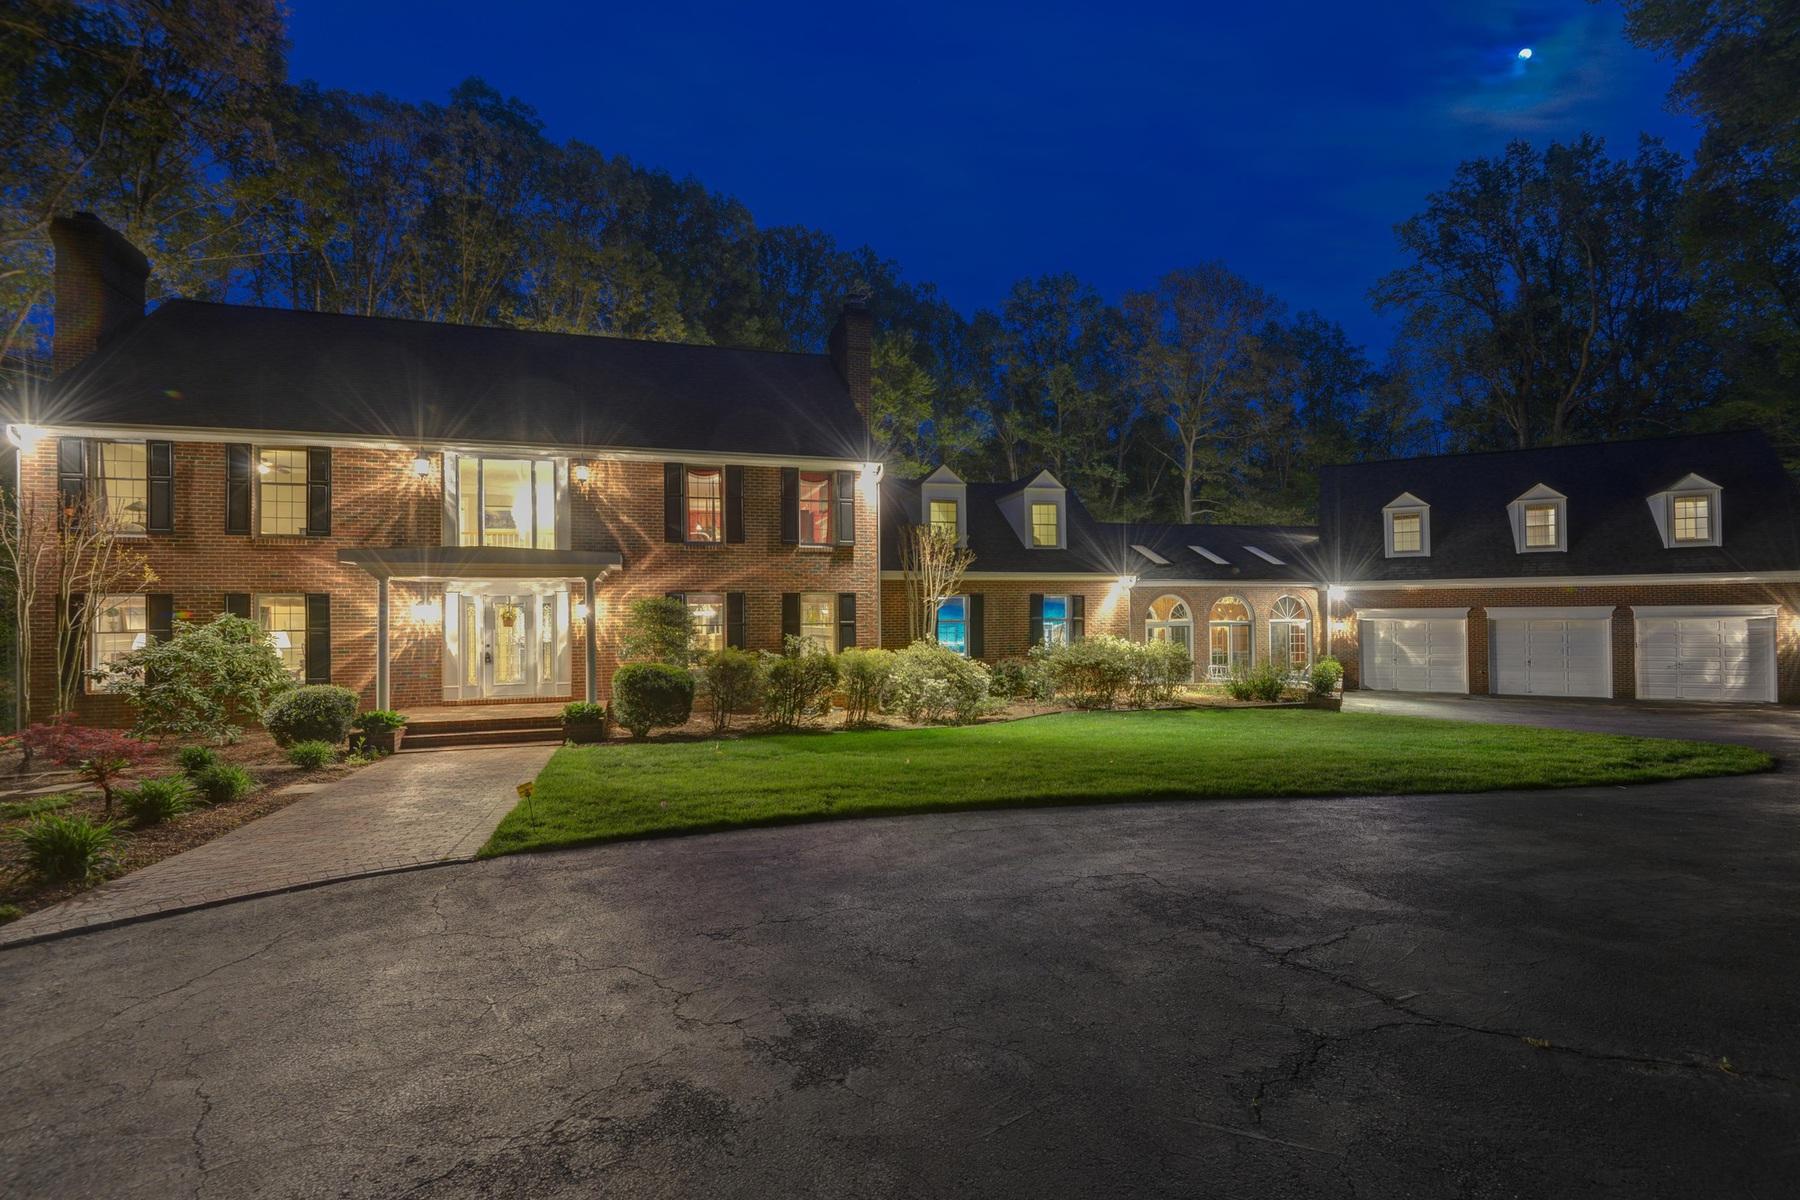 Maison unifamiliale pour l Vente à Harbor Hills 735 Intrepid Way Davidsonville, Maryland 21035 États-Unis